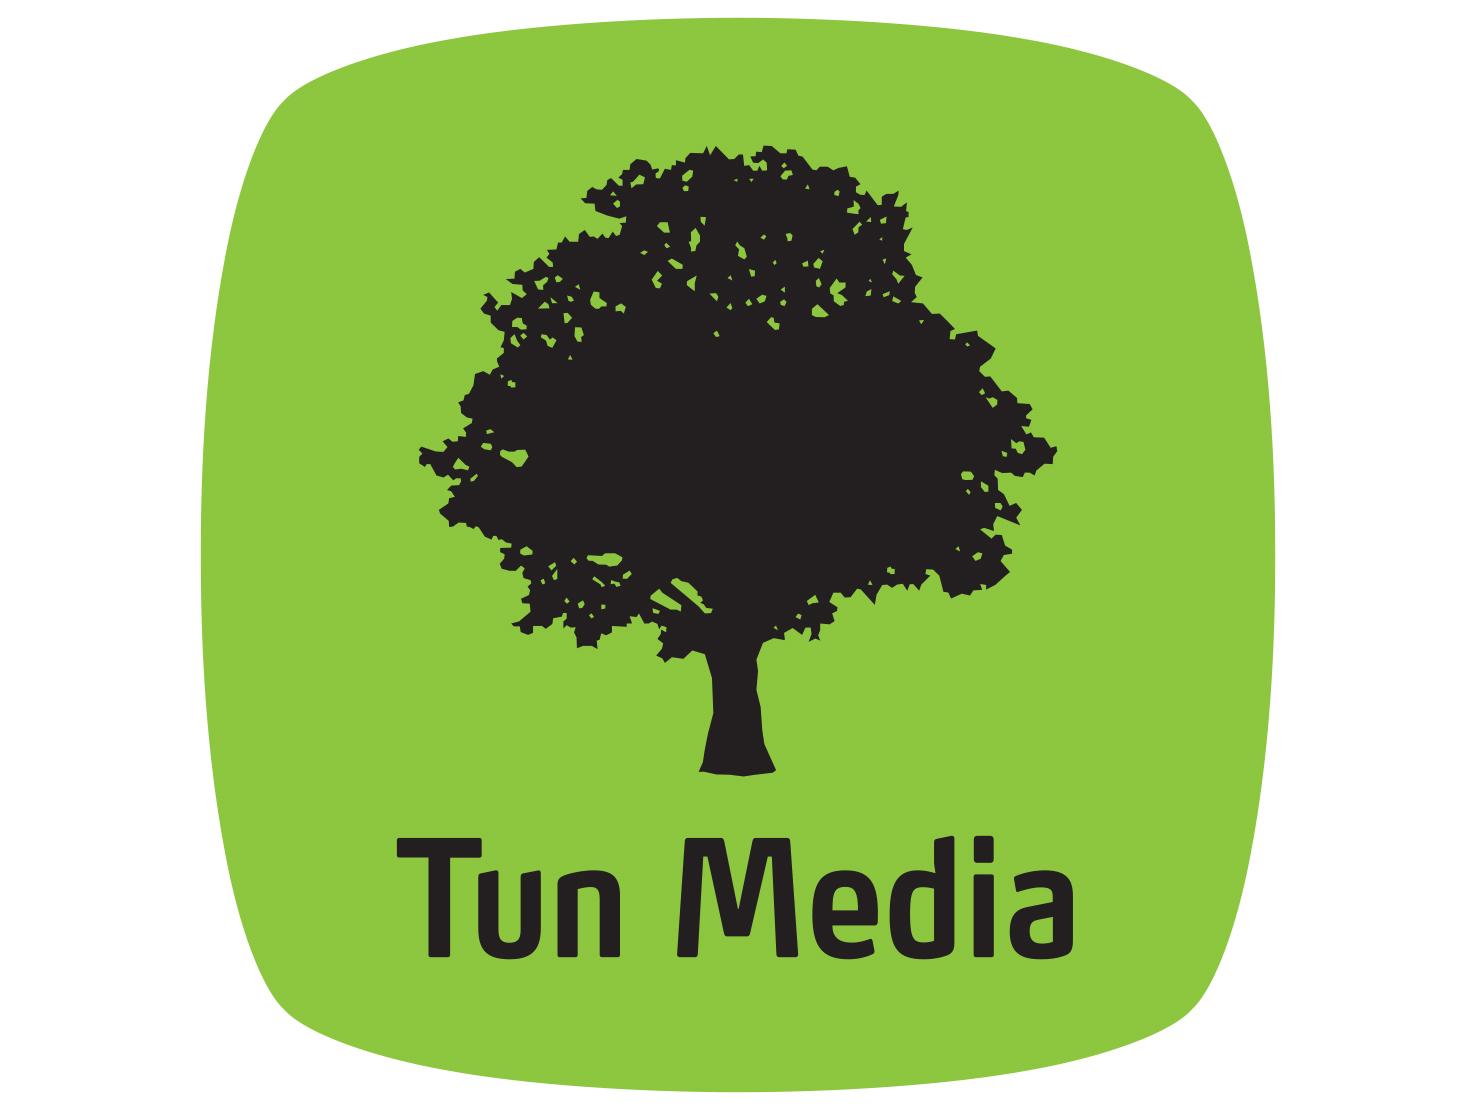 Tun Media